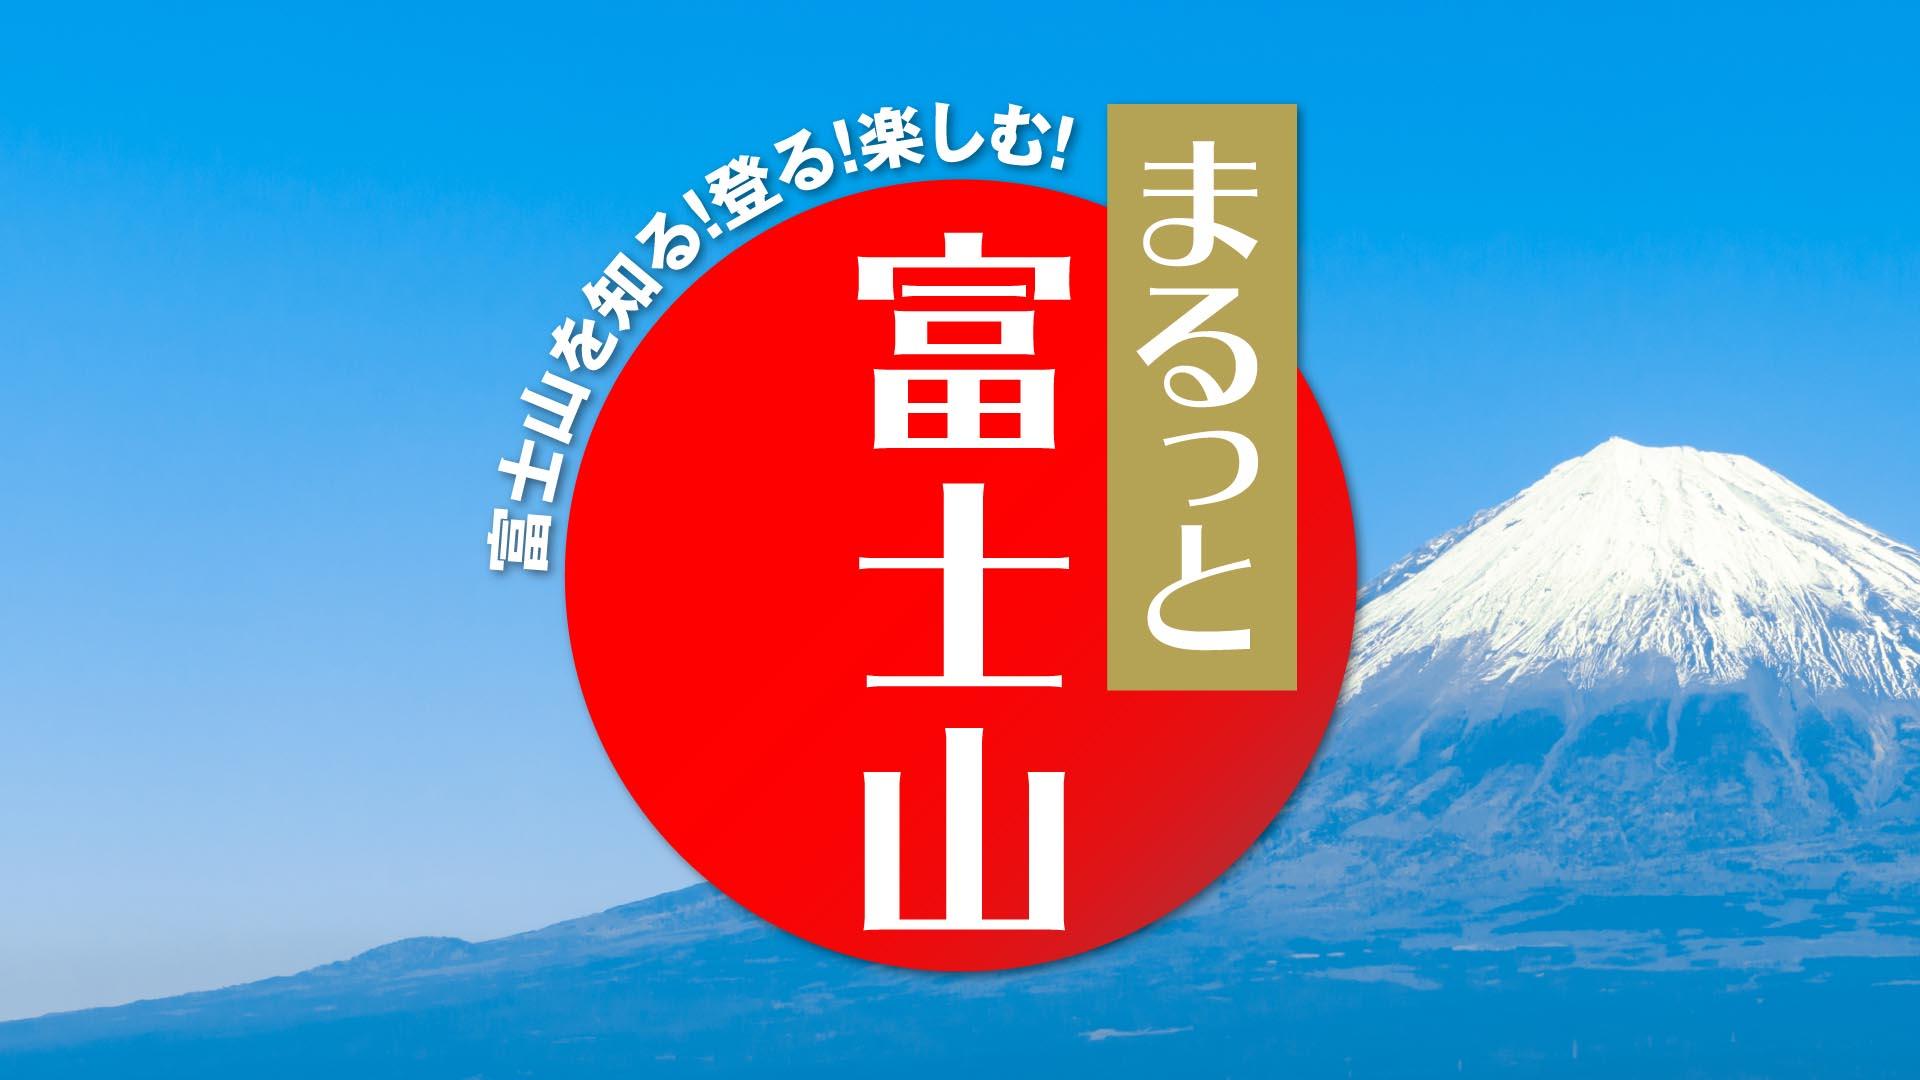 【登山】知る!登る!楽しむ! まるっと富士山